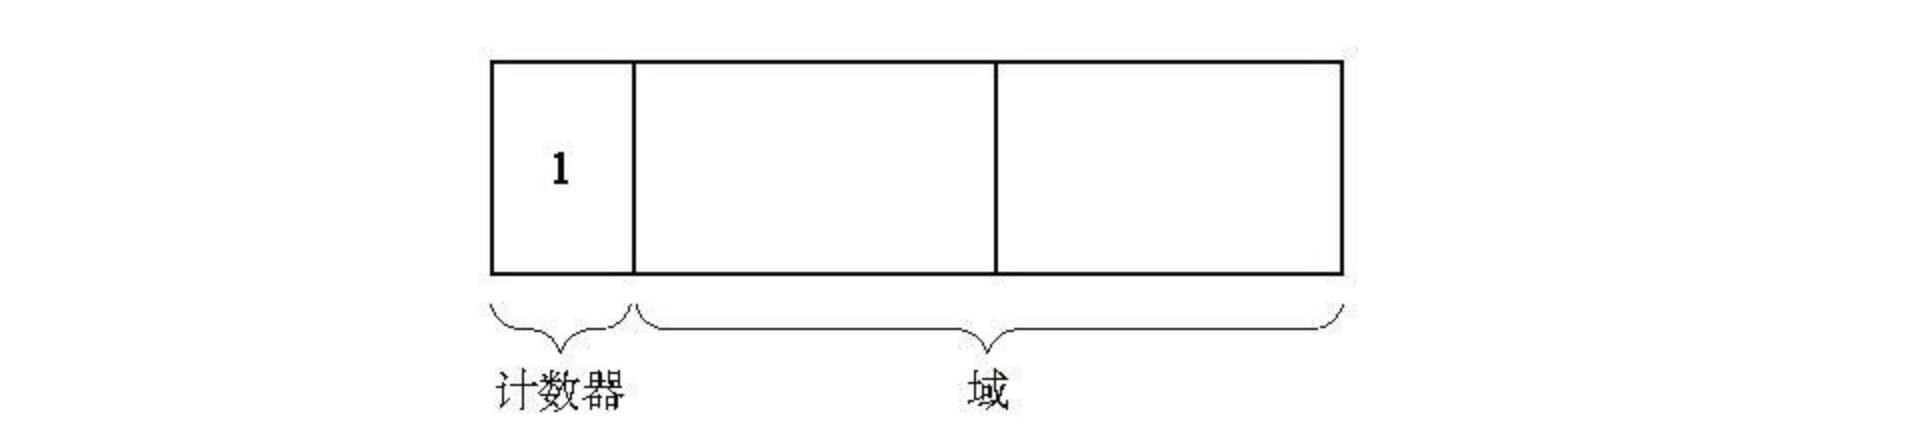 引用计数方法对象的的数据结构